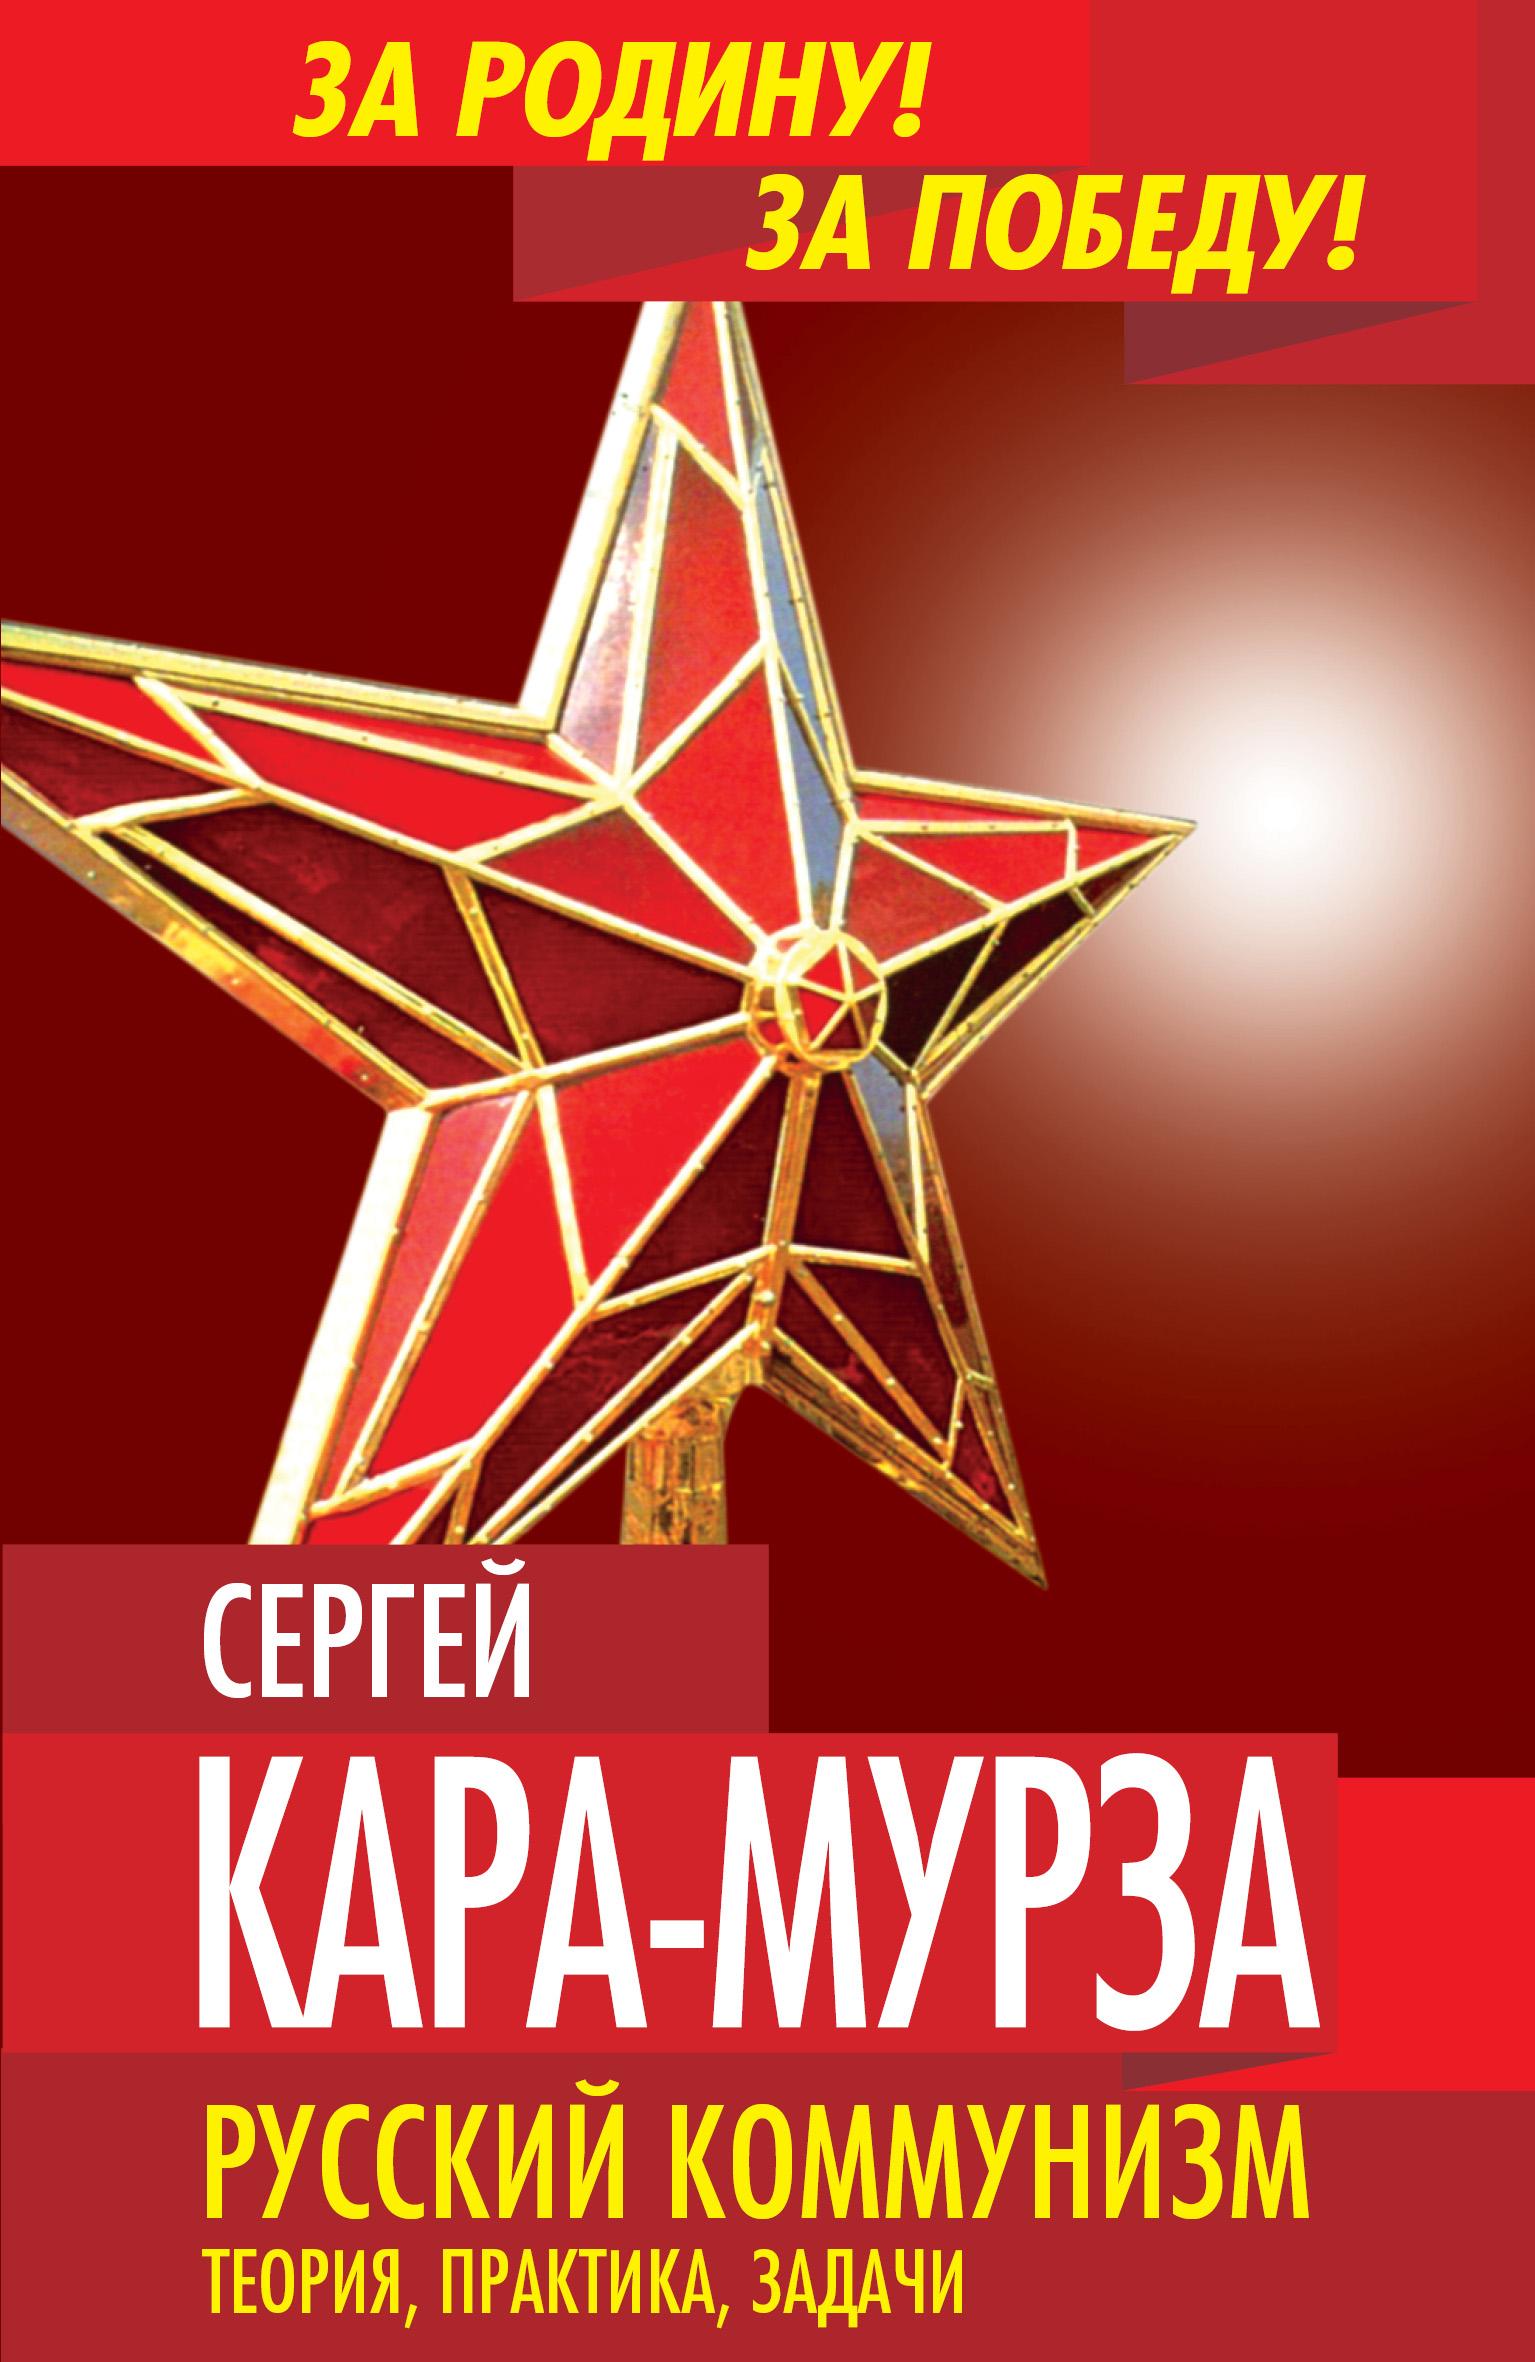 russkiy kommunizm teoriya praktika zadachi